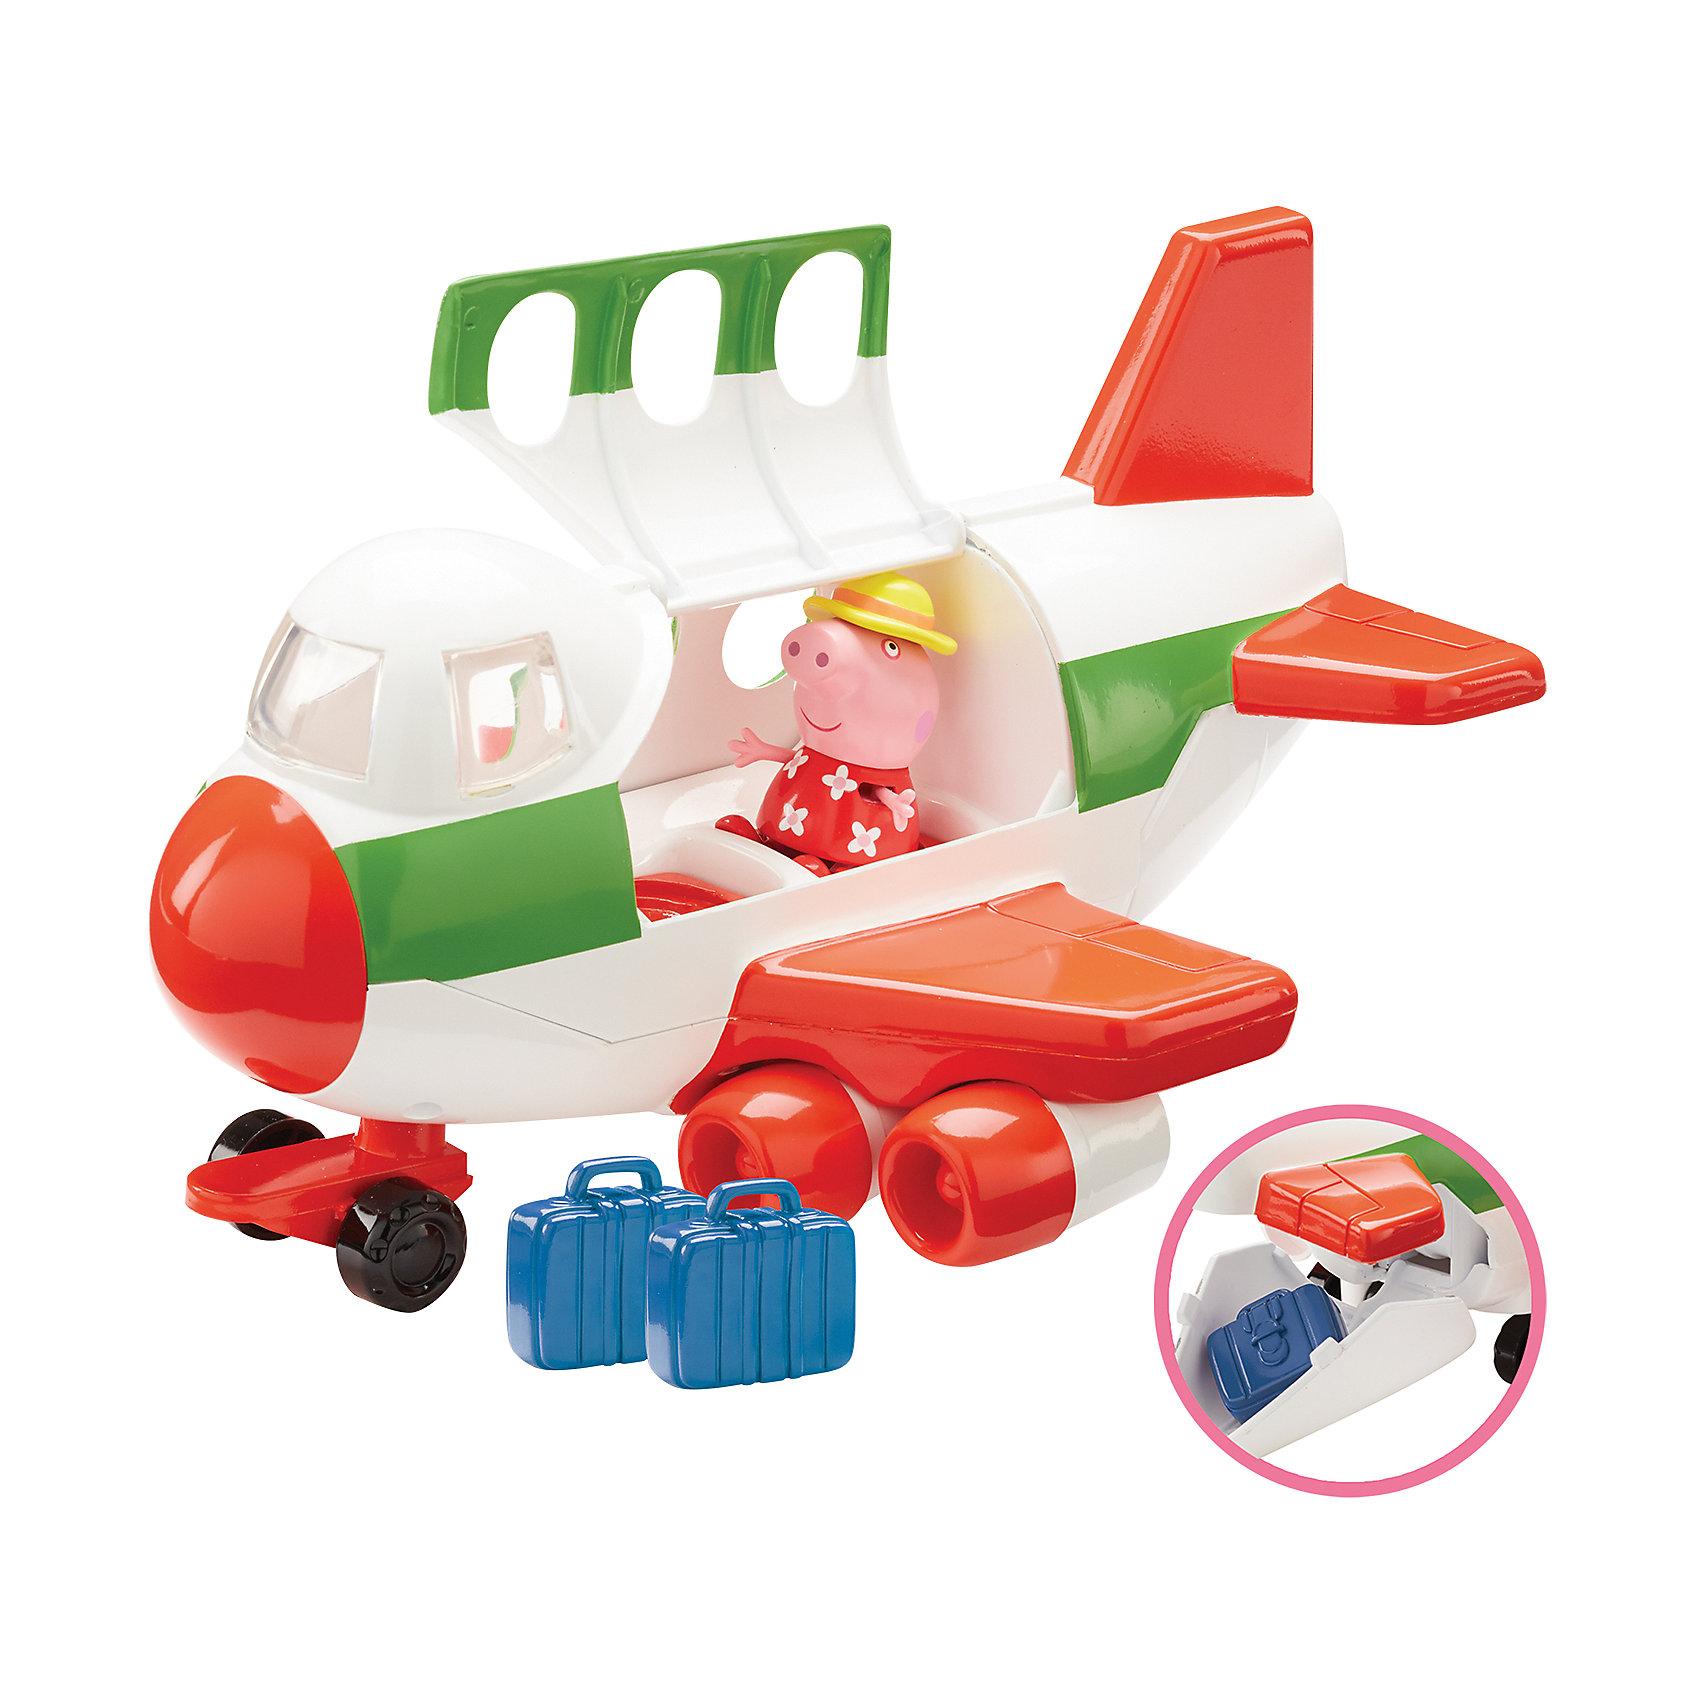 Росмэн Игровой набор Самолет, Peppa Pig росмэн игровой набор самолет peppa pig